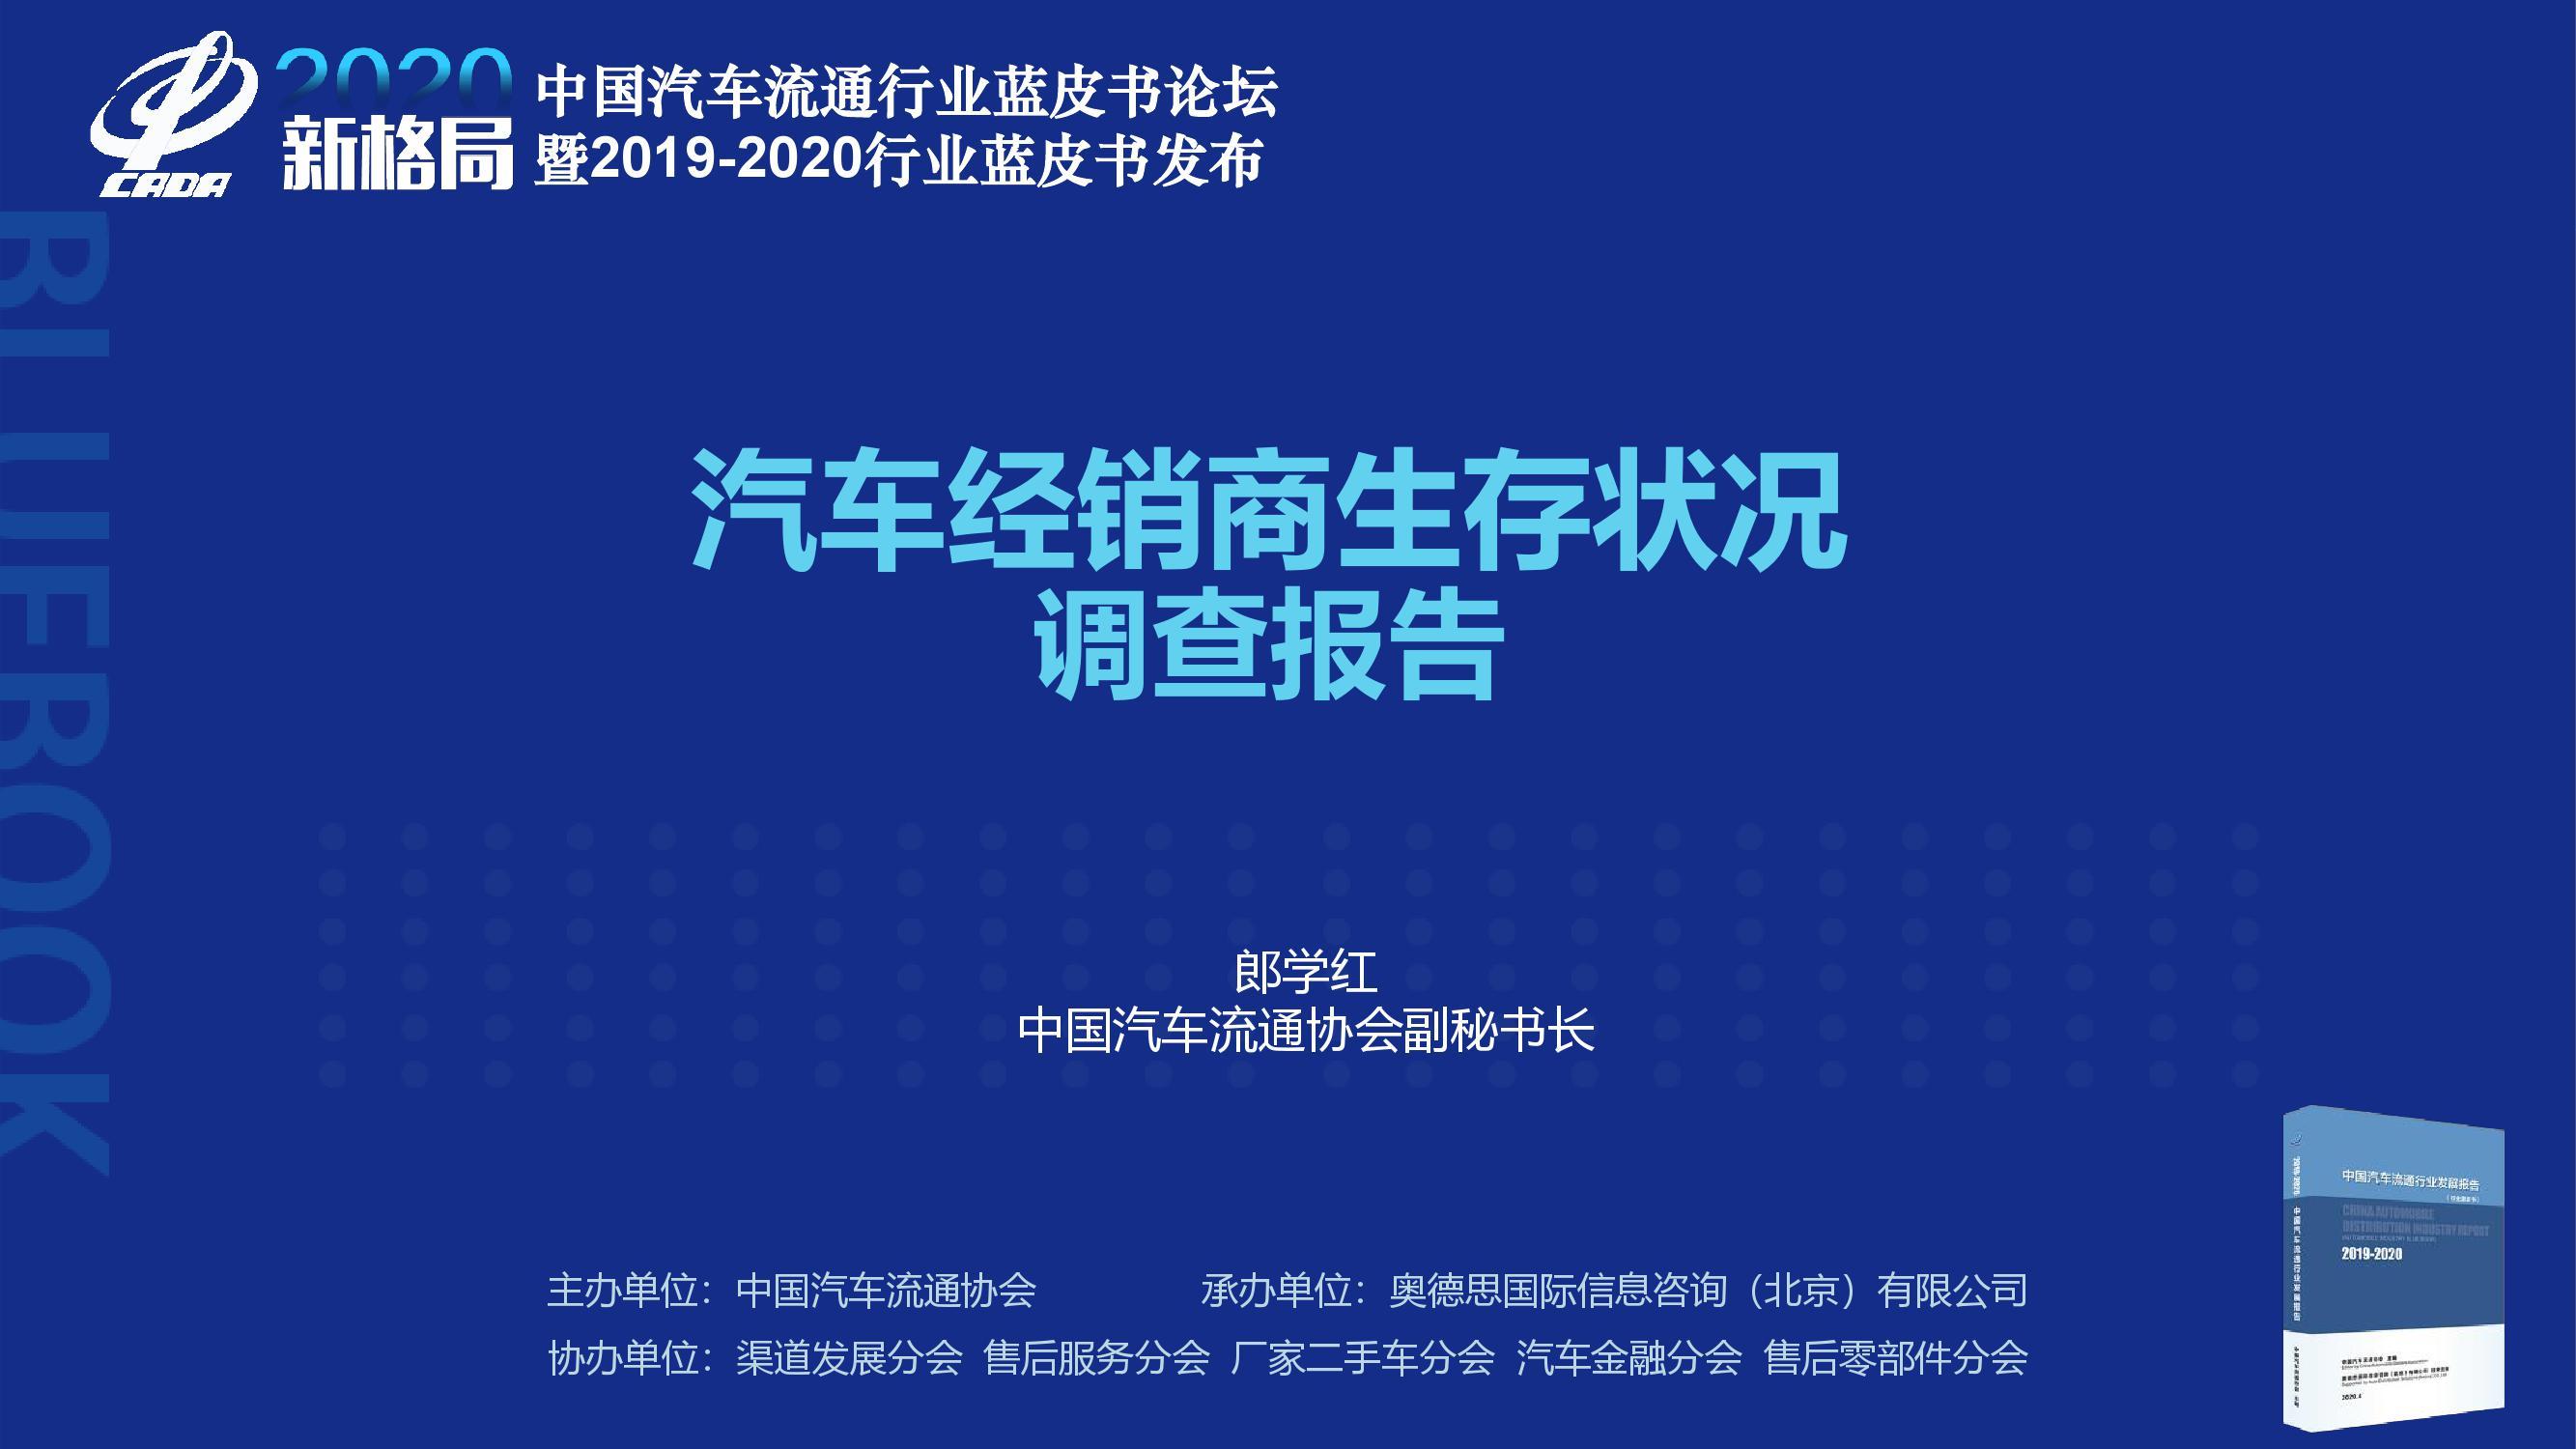 中国汽车流通协会:2019年全国汽车经销商生存状况调查报告